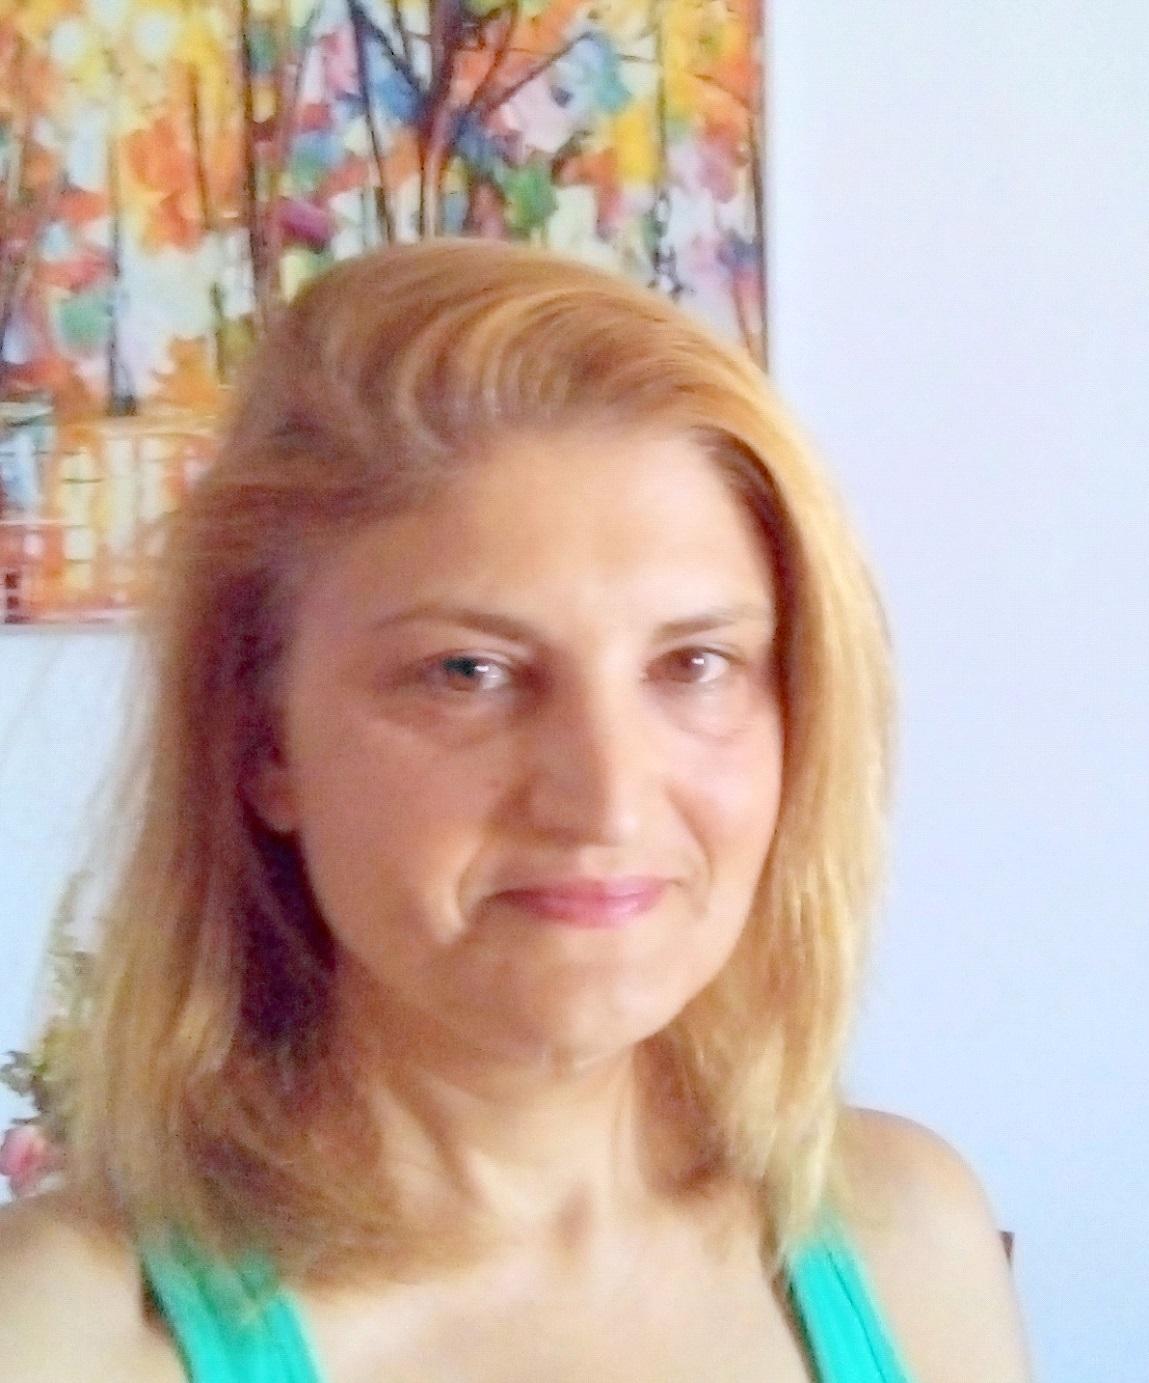 Ζαχαρένια Δουλγεράκη